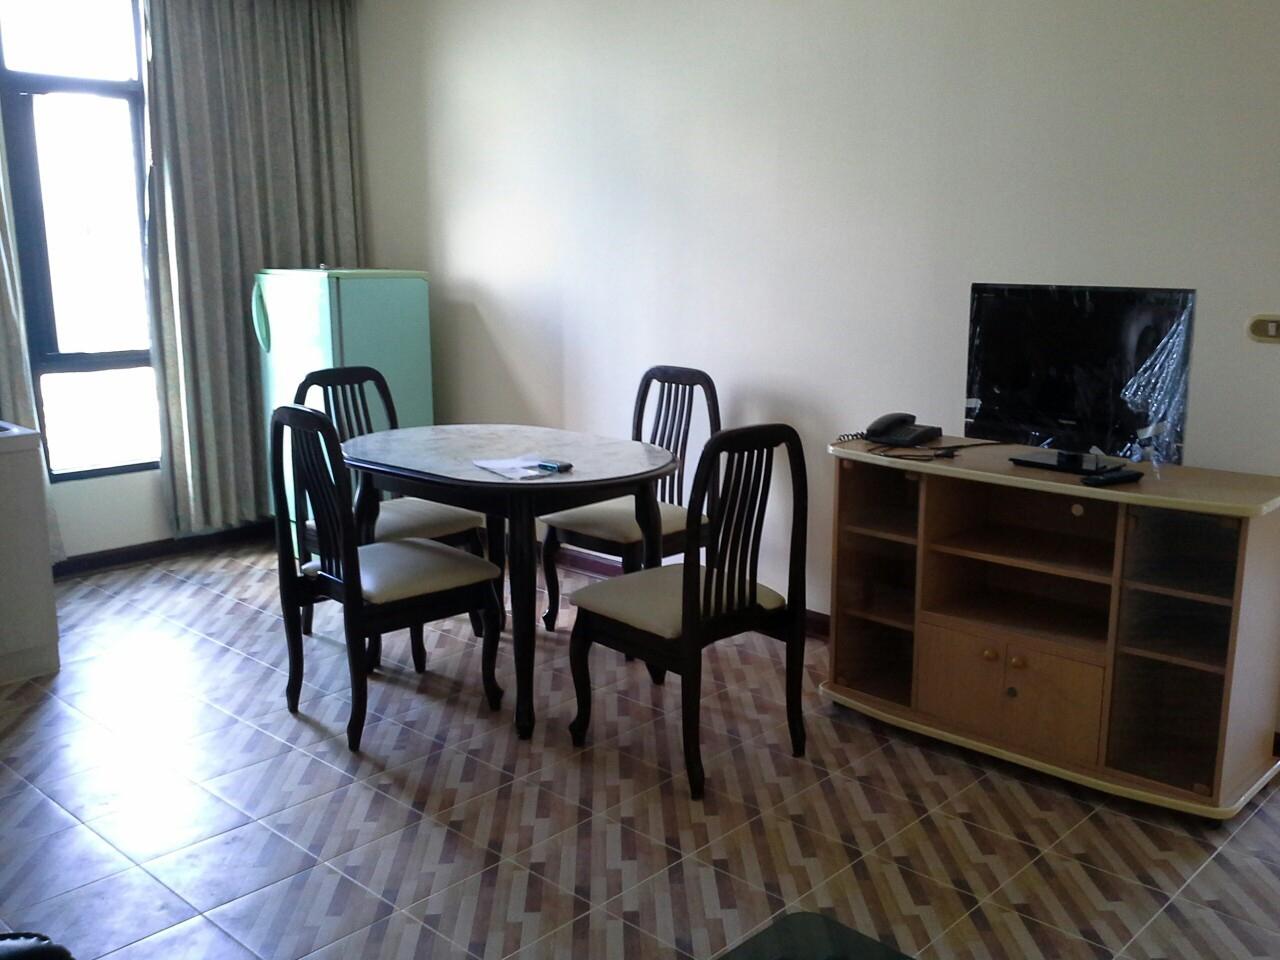 ให้เช่า คอนโด พญาไท เพลส (PhayaThai Place) ห้องนอน (1BR) ห้องหัวมุม ราคา 18000 / เดือน ชั้น 16 พื้นที่ 50 ตร.ม